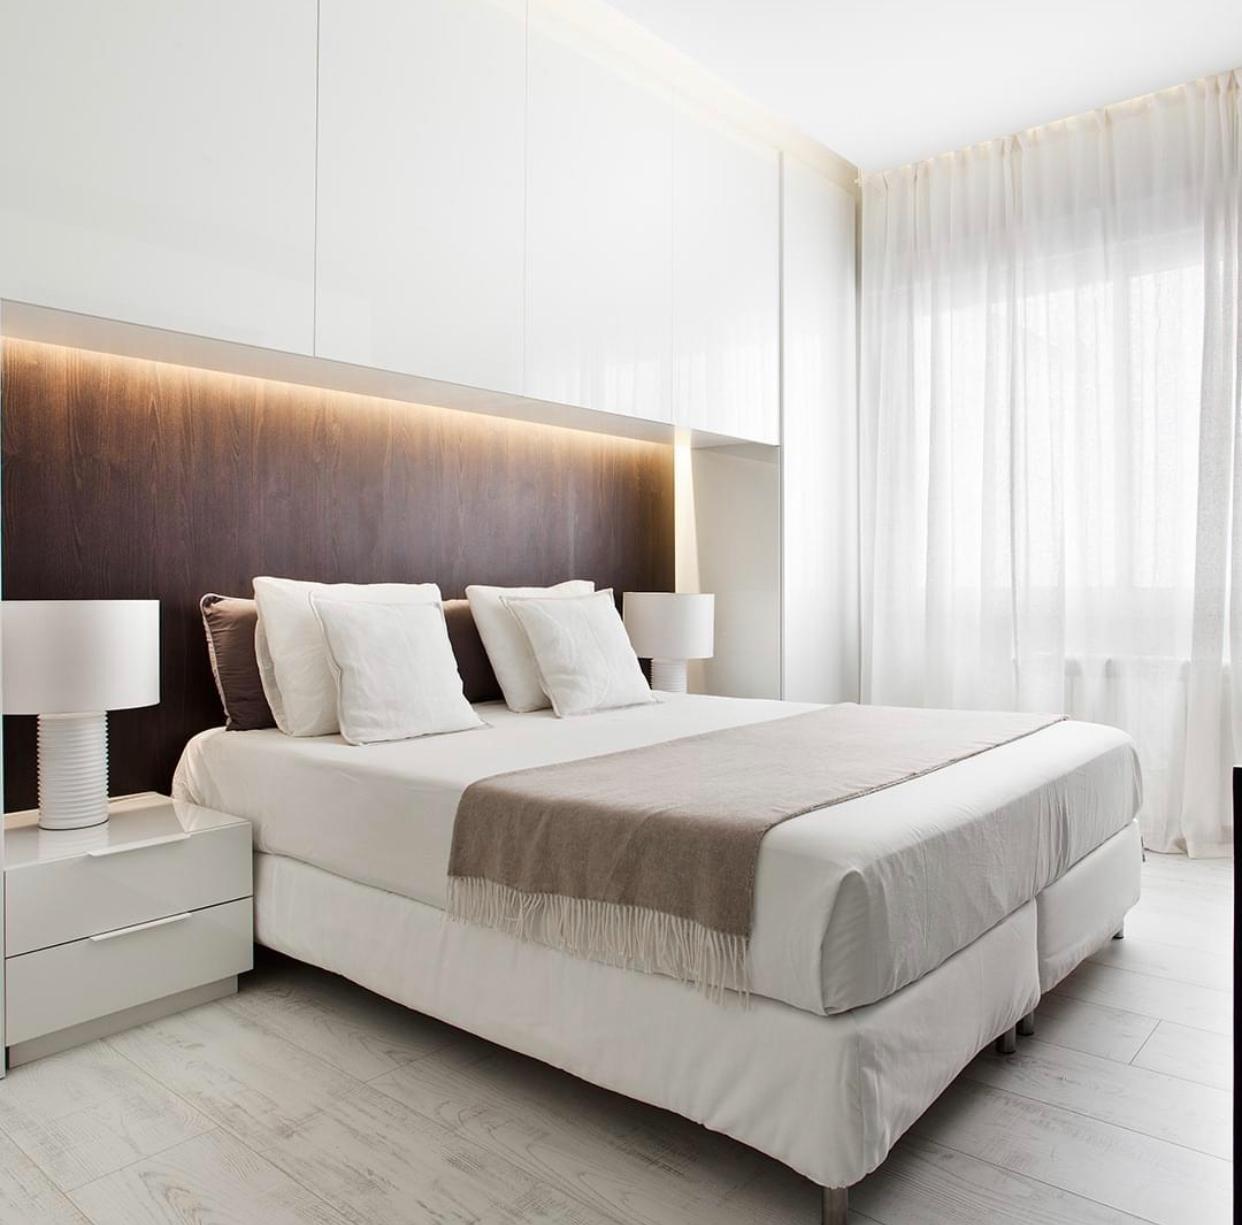 cabecero dormitorio+muebles altos y luces leds indirectas